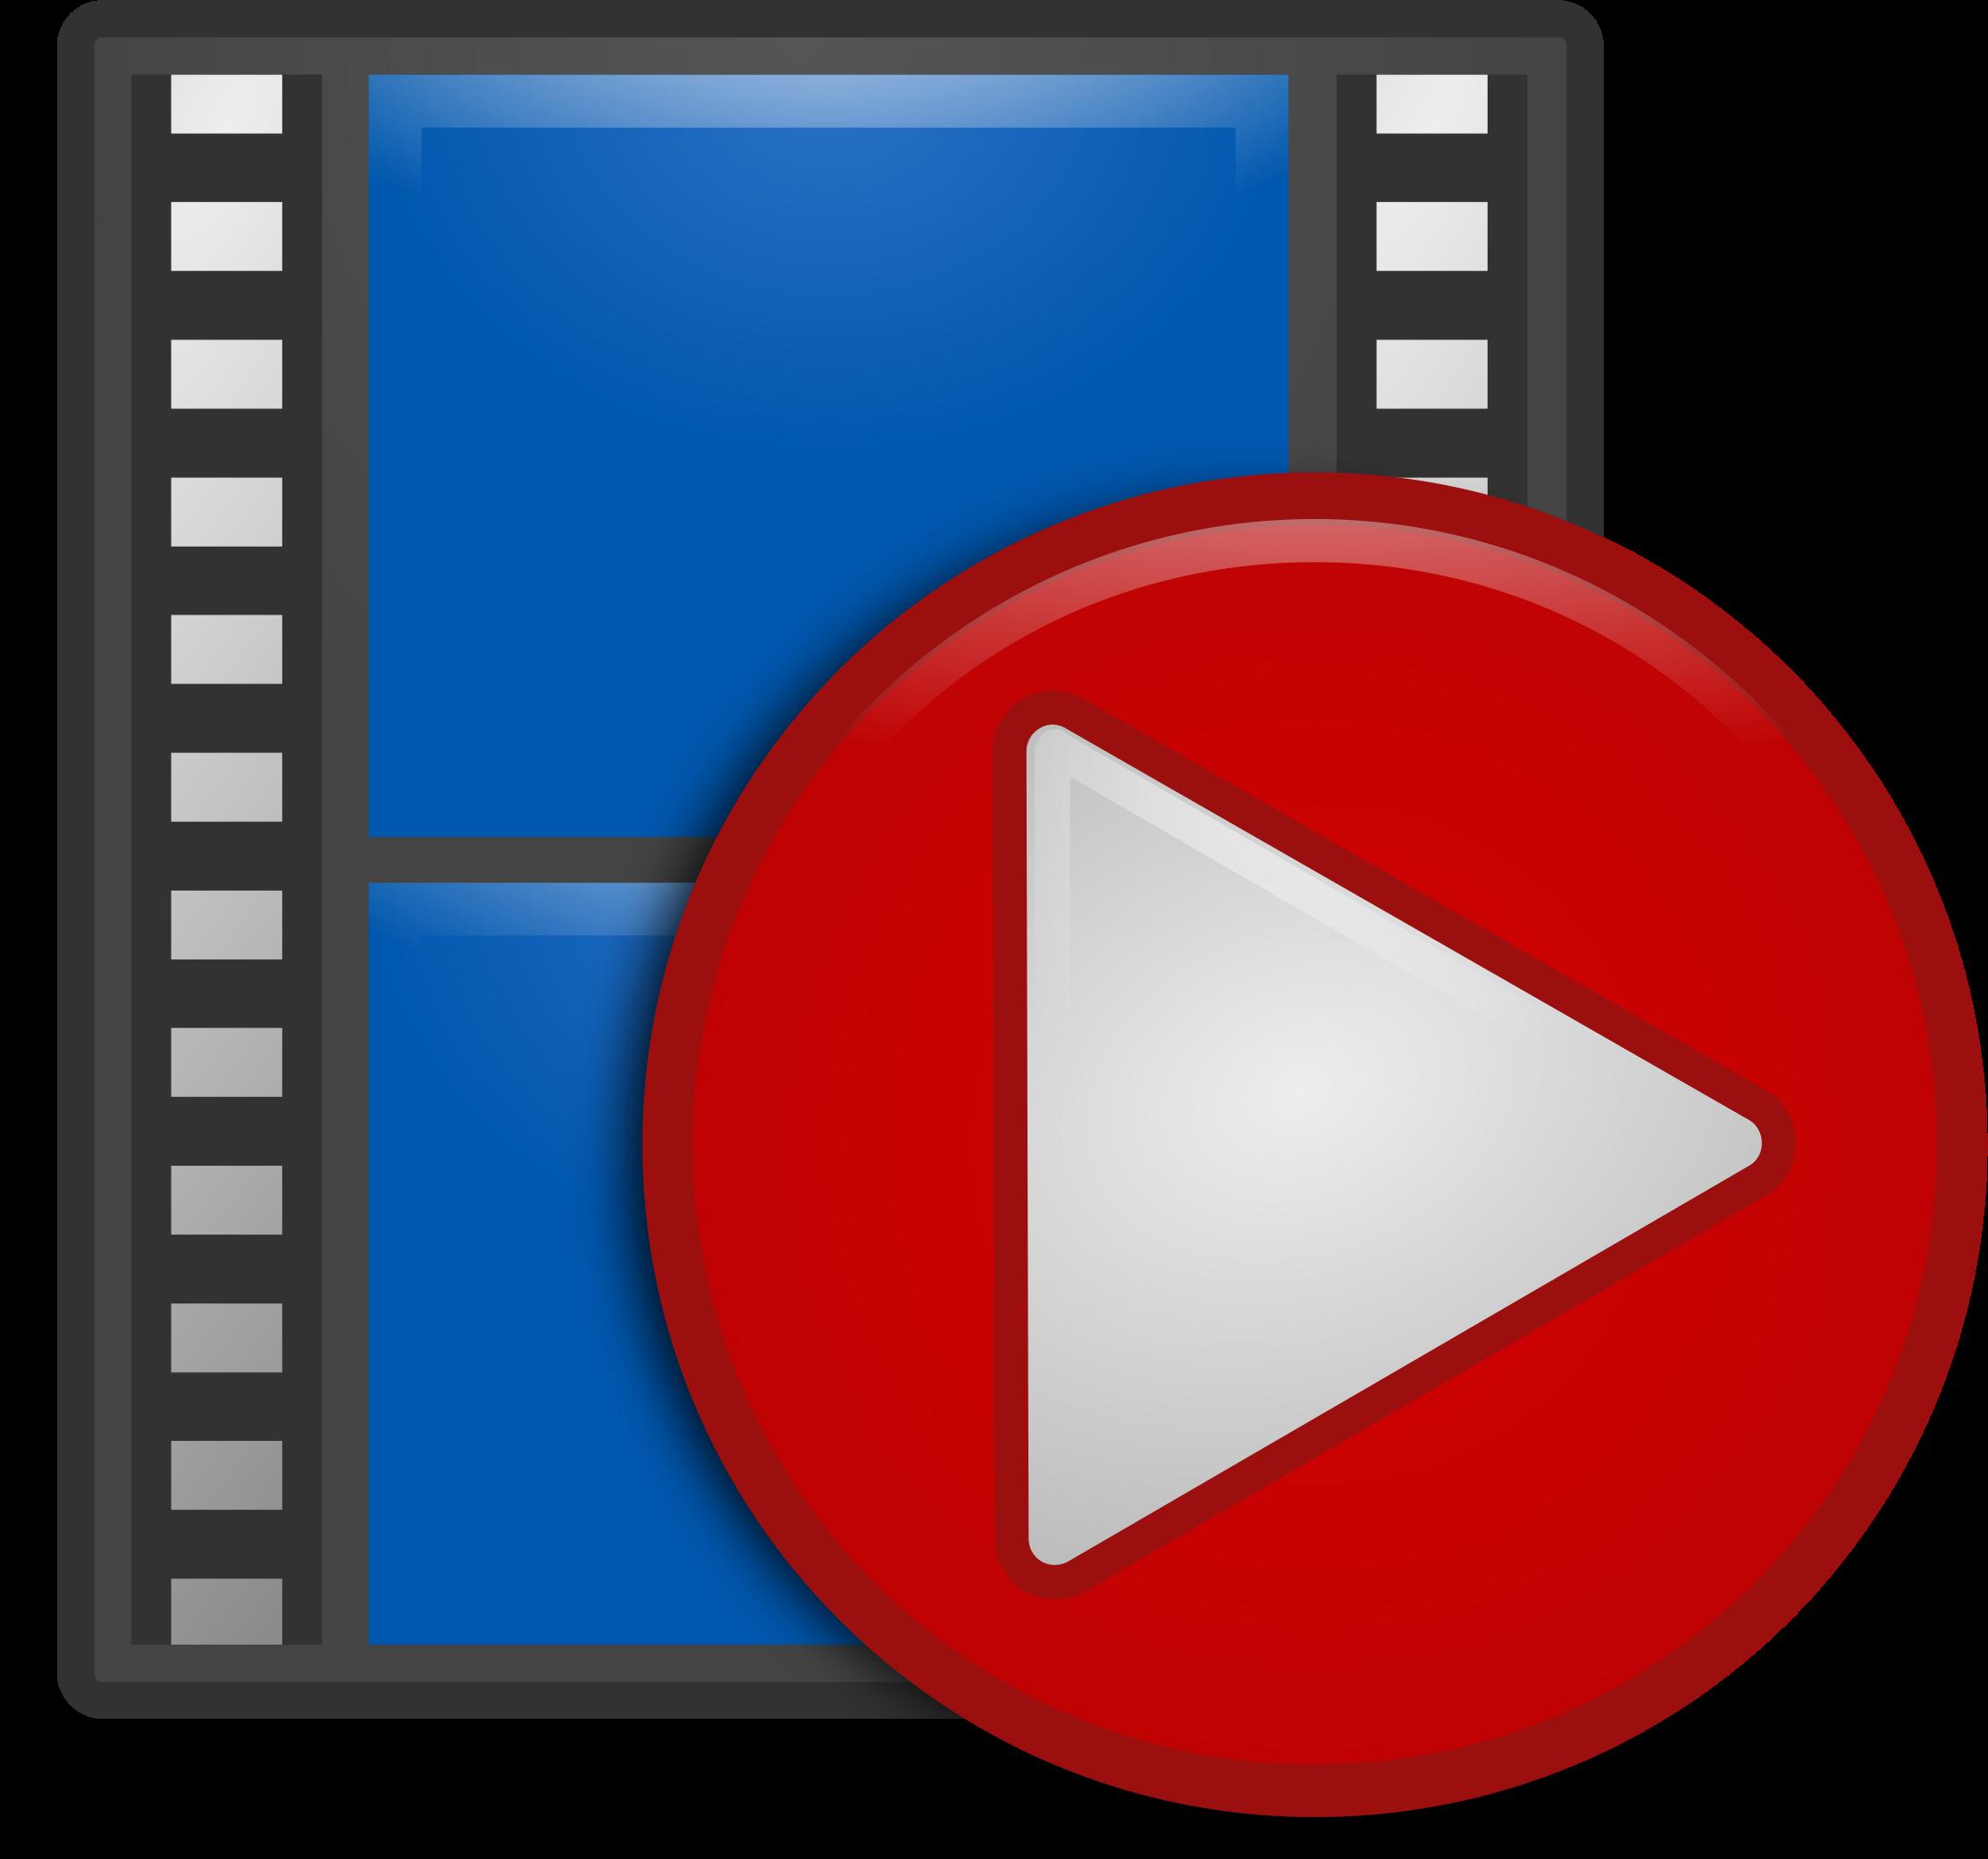 Video Clip Art Tumundografico 2-Video clip art tumundografico 2-9